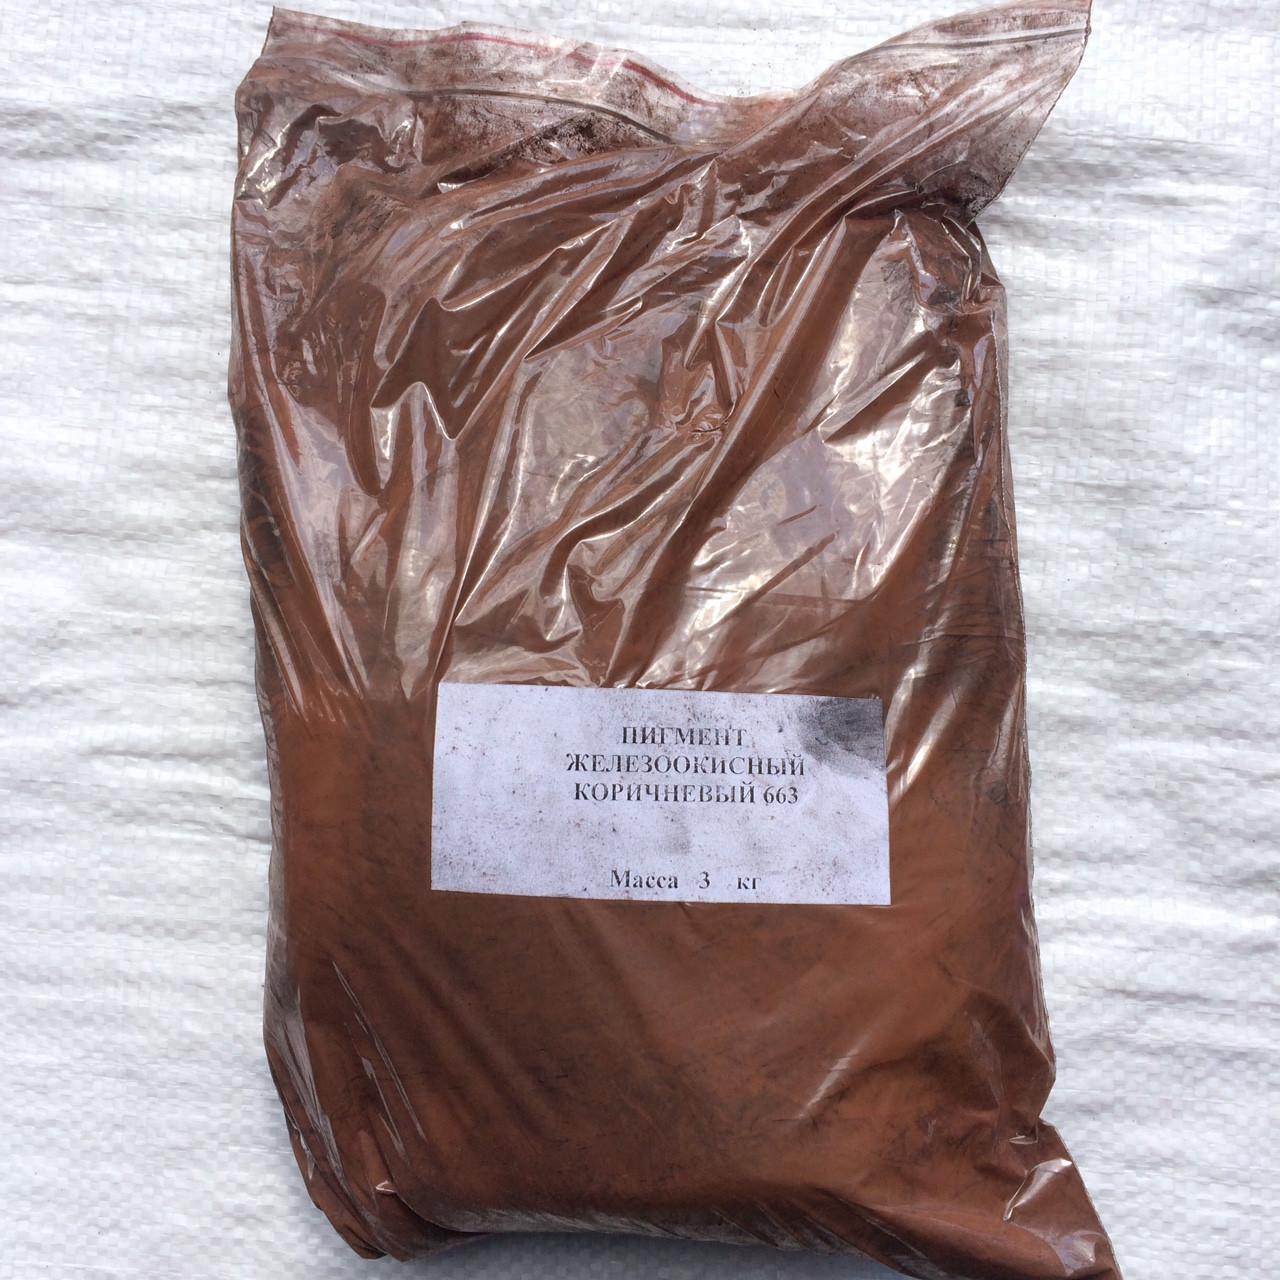 Пігмент коричневий залізоокисний для гіпсу і бетону (пакет 3 кг)